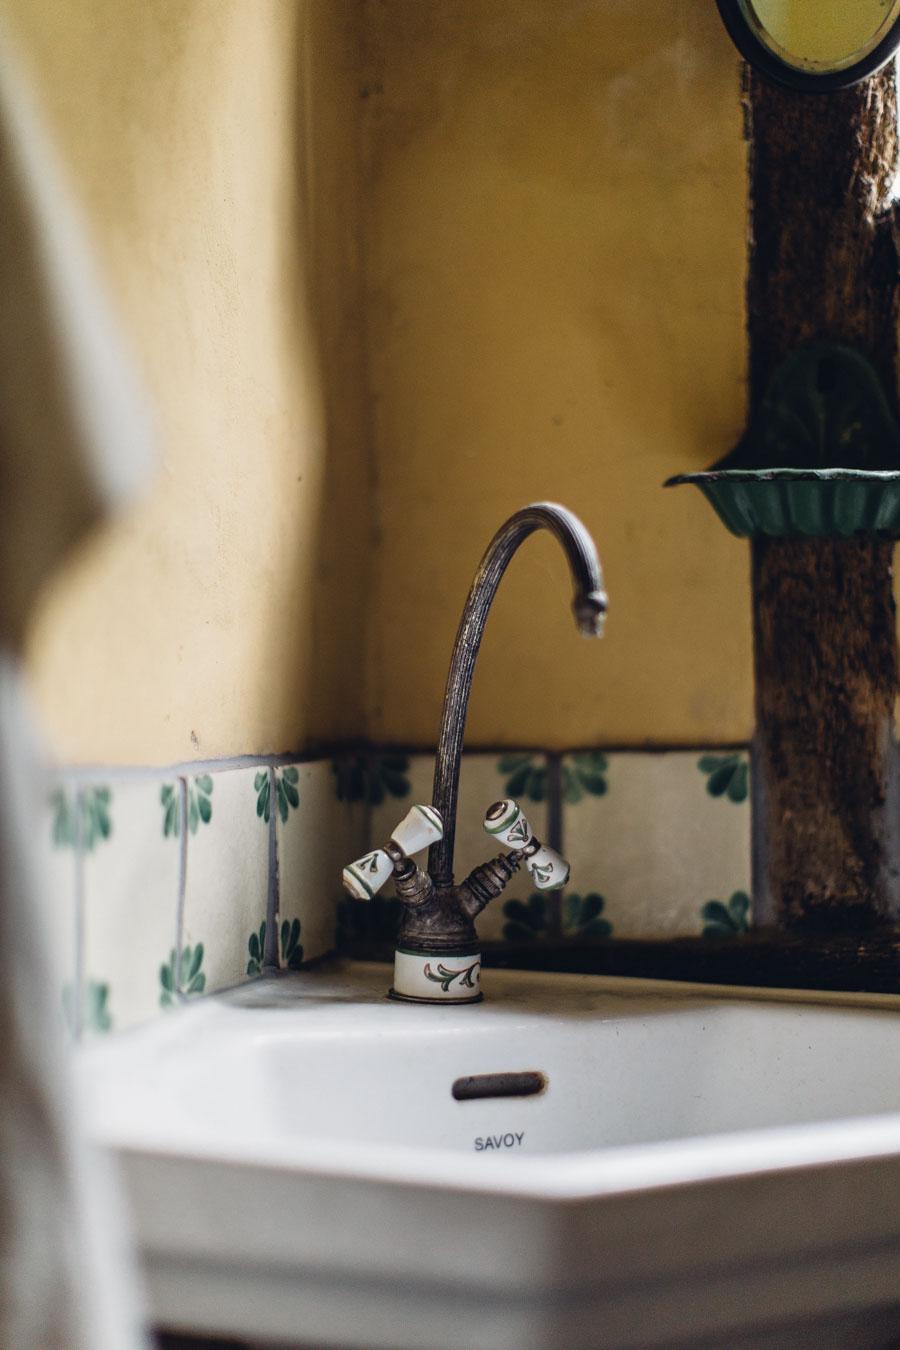 Vintage home details